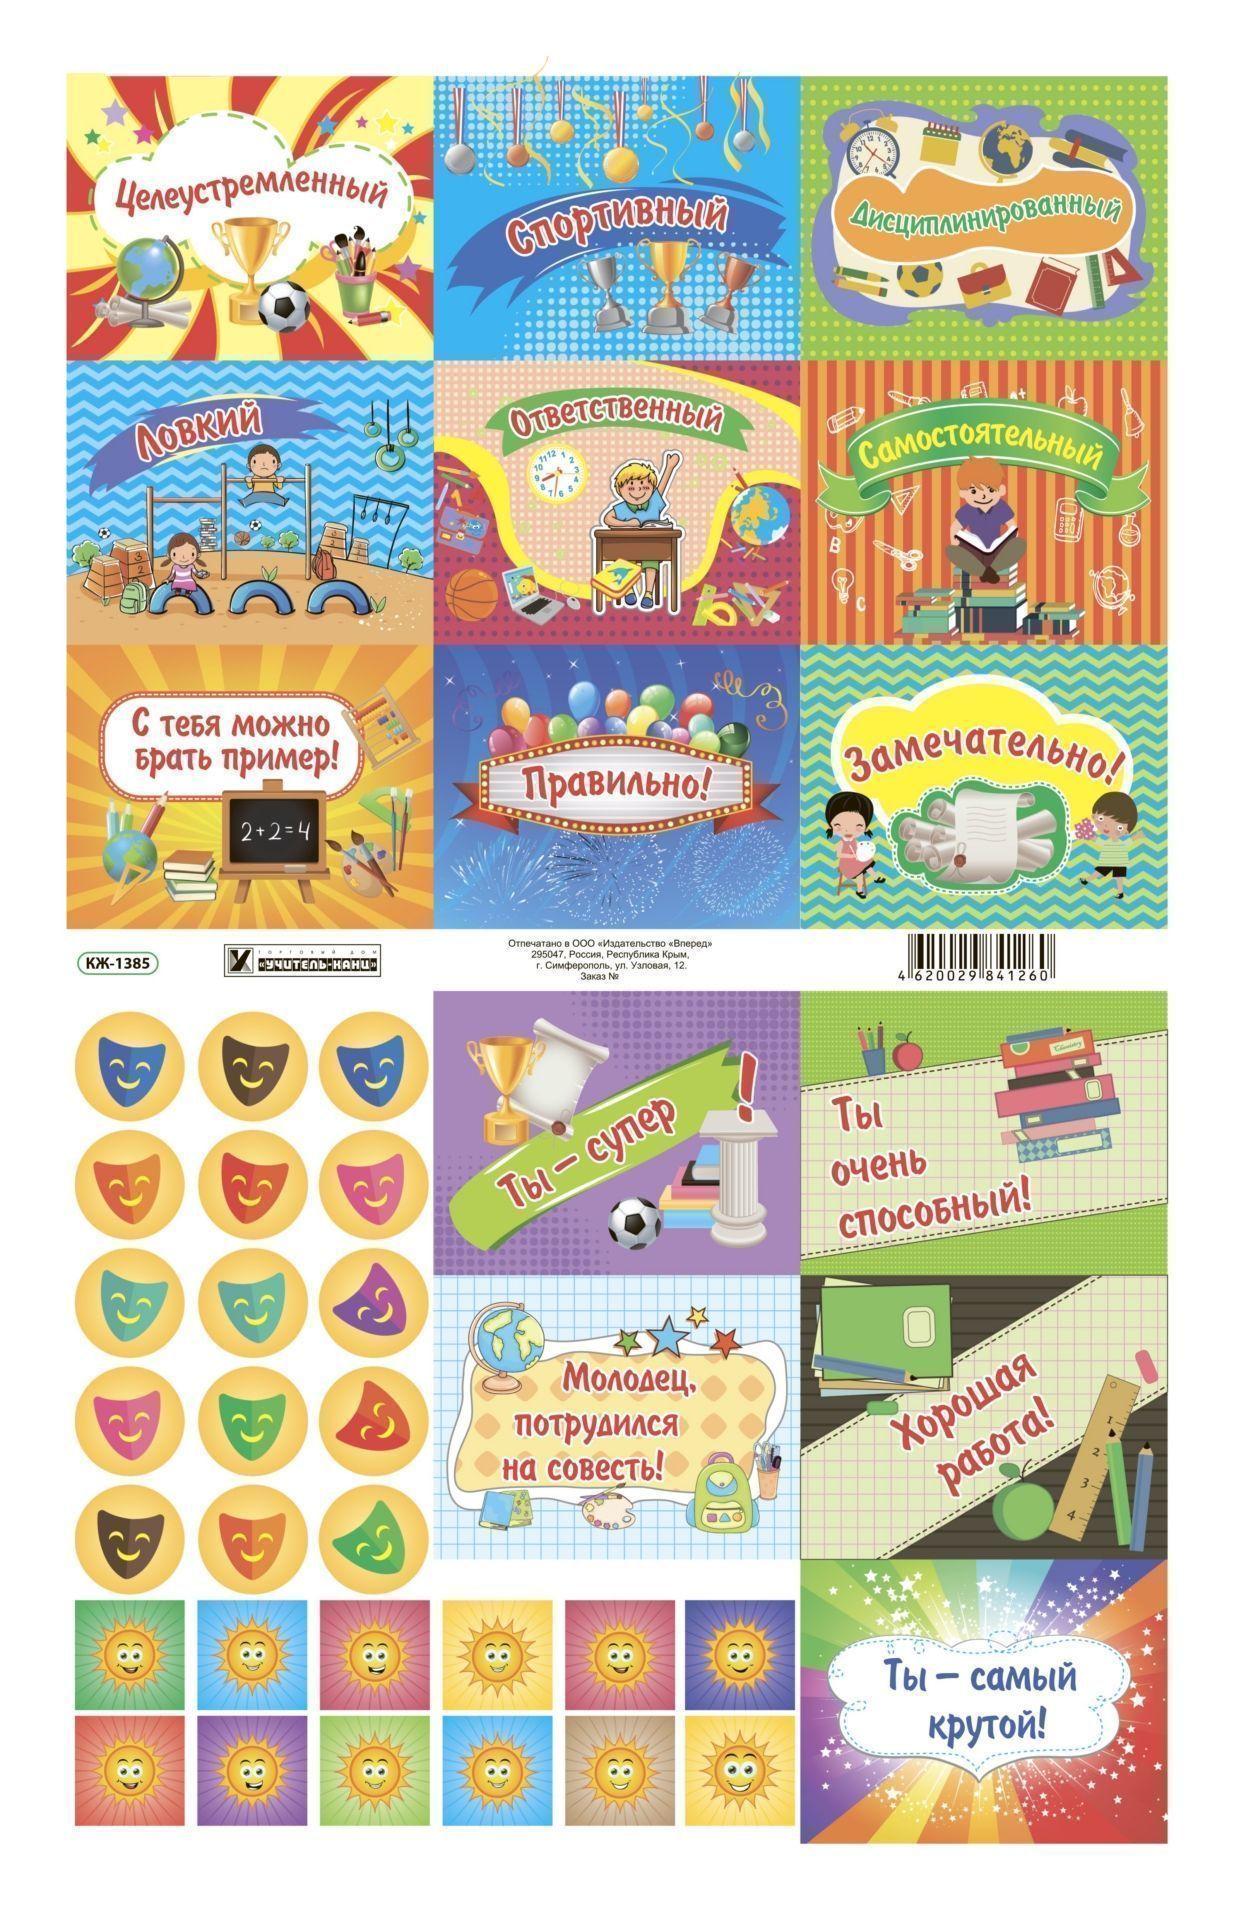 Поощрительные карточки (наклейки)Поощрительные карточки, наклейки<br>Материалы:на блок - бумага самоклеящаяся, пл. 160.00.<br><br>Год: 2017<br>Серия: Поощрительные карточки